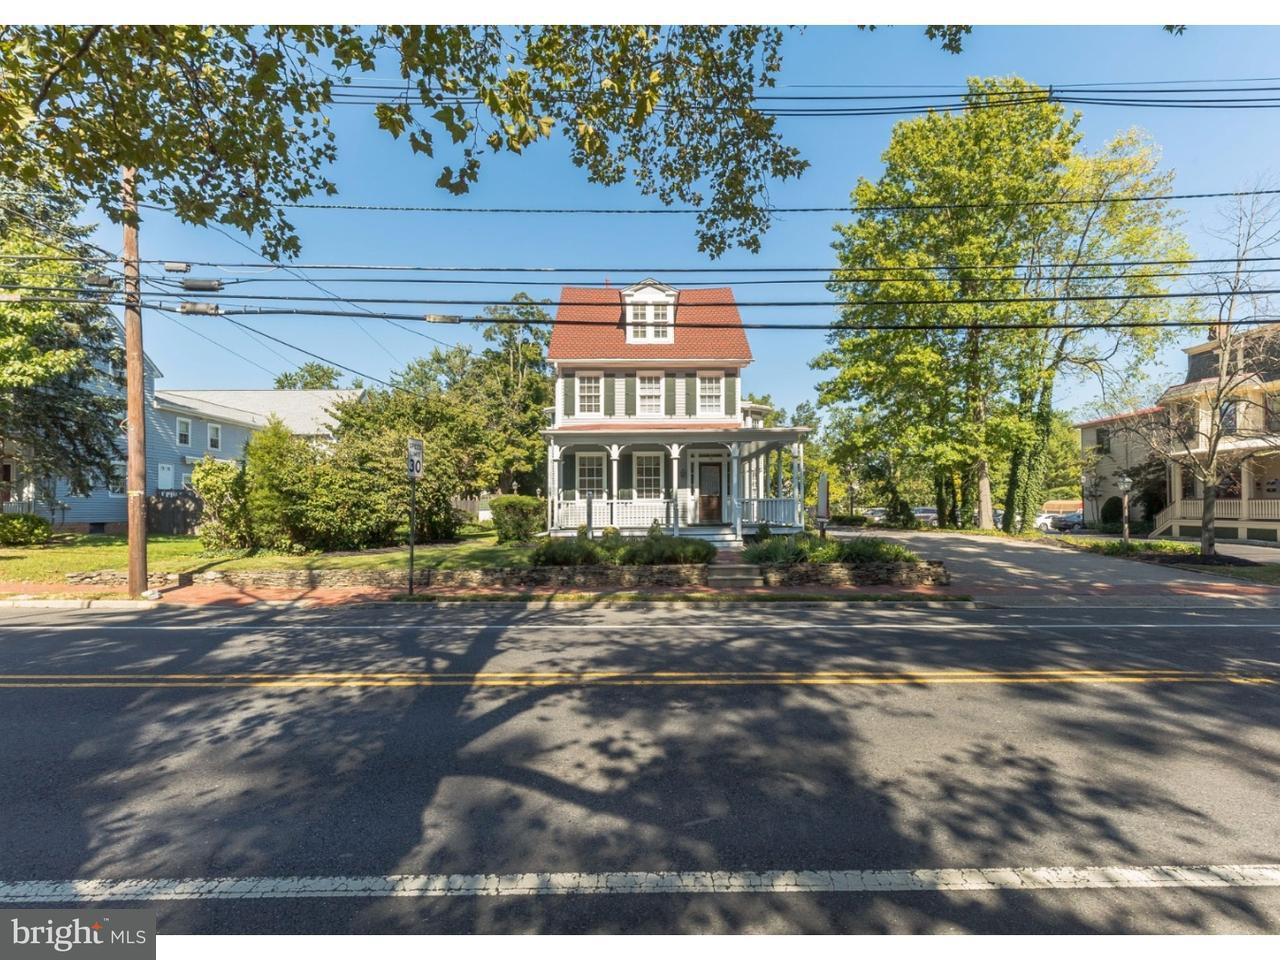 Casa Unifamiliar por un Venta en 76 E MAIN Street Evesham Twp, Nueva Jersey 08053 Estados Unidos